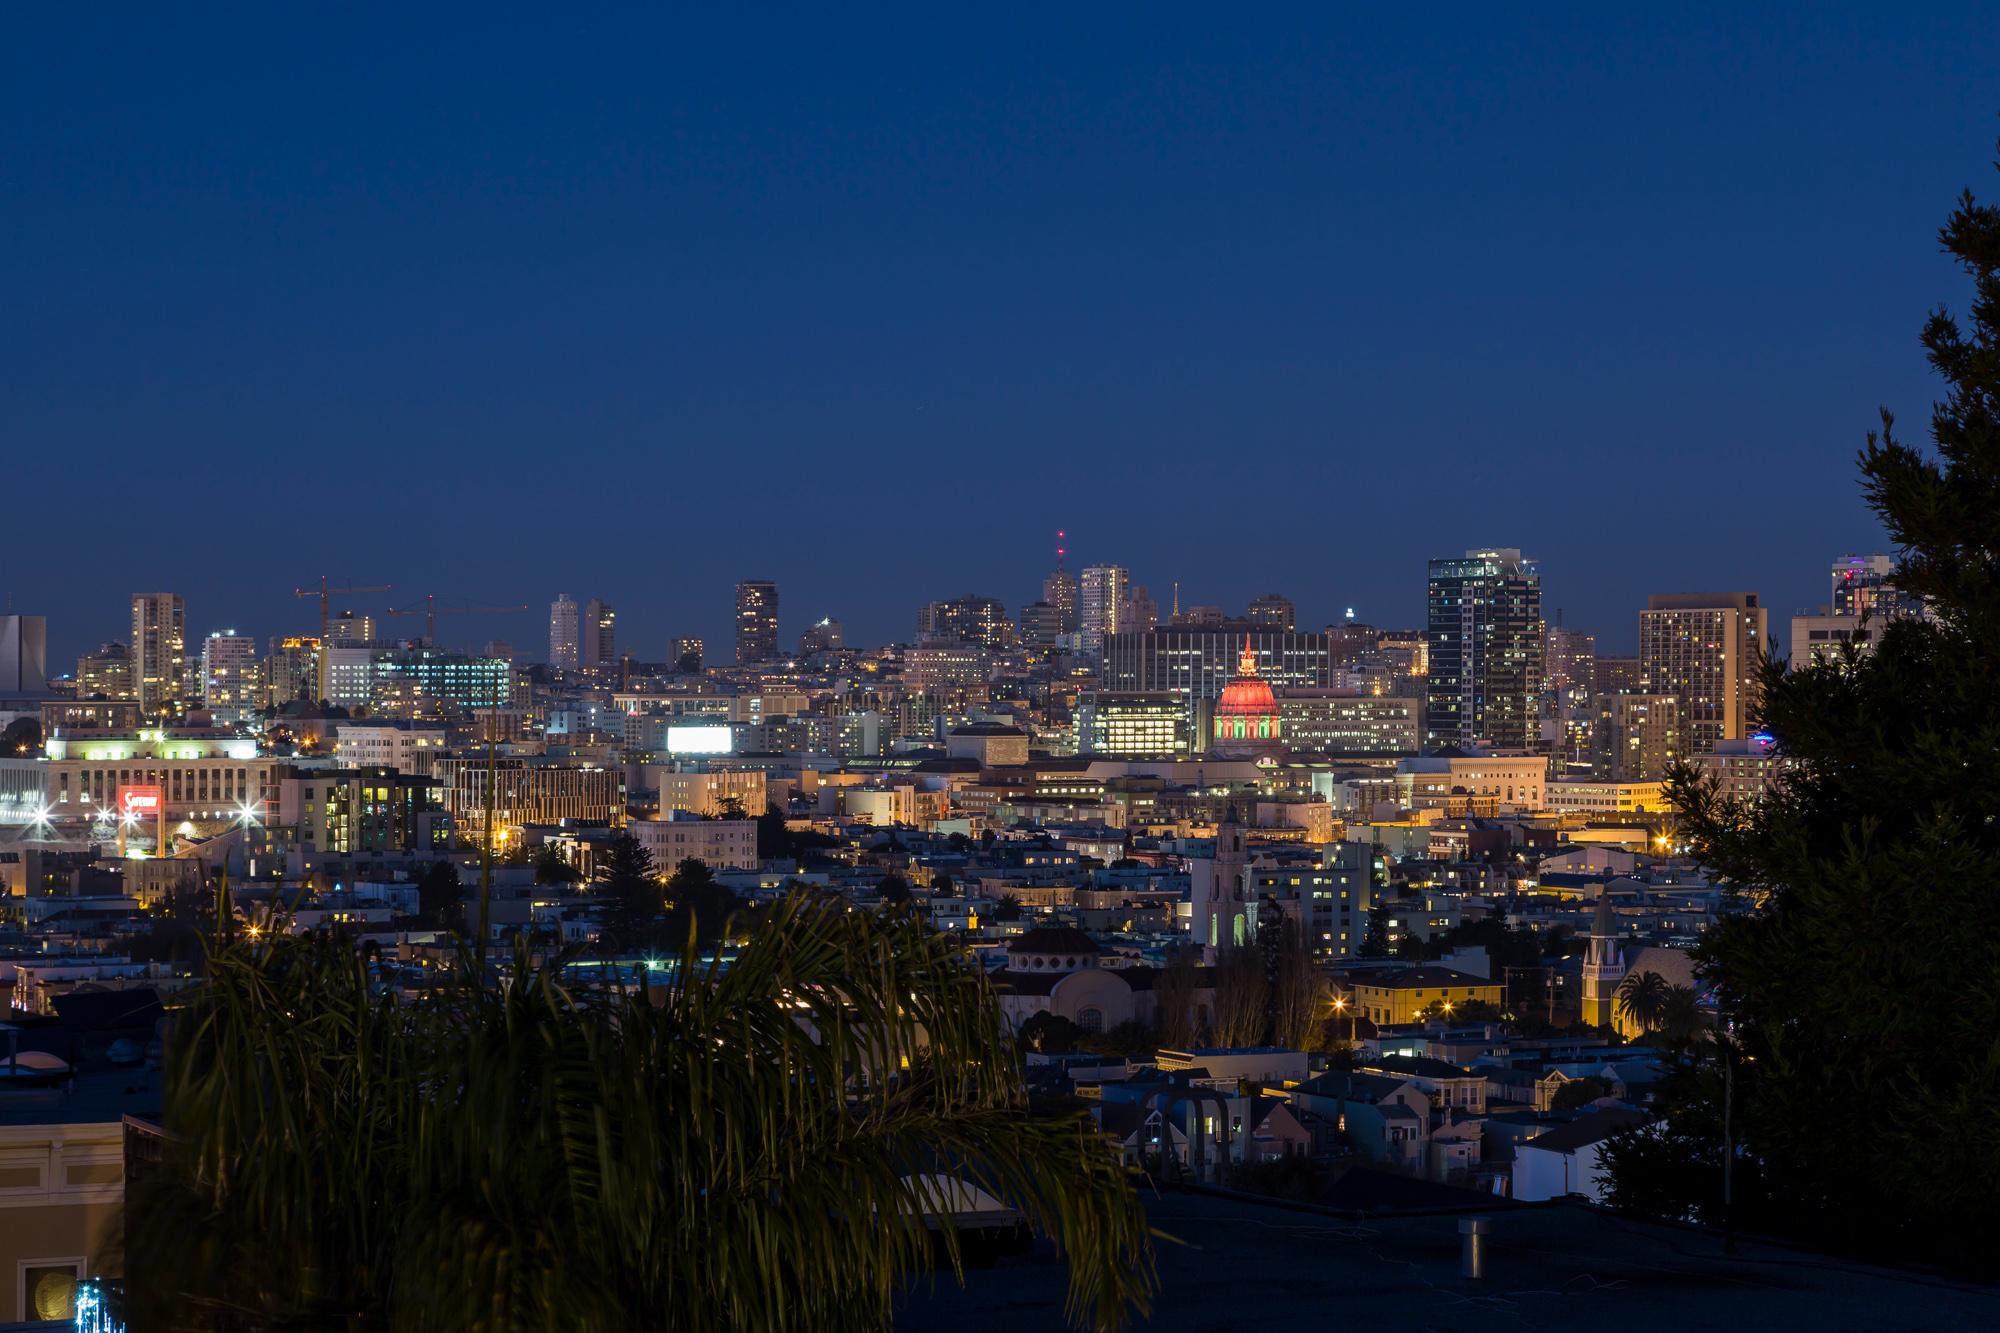 View_Night_Zoom_4603.jpg